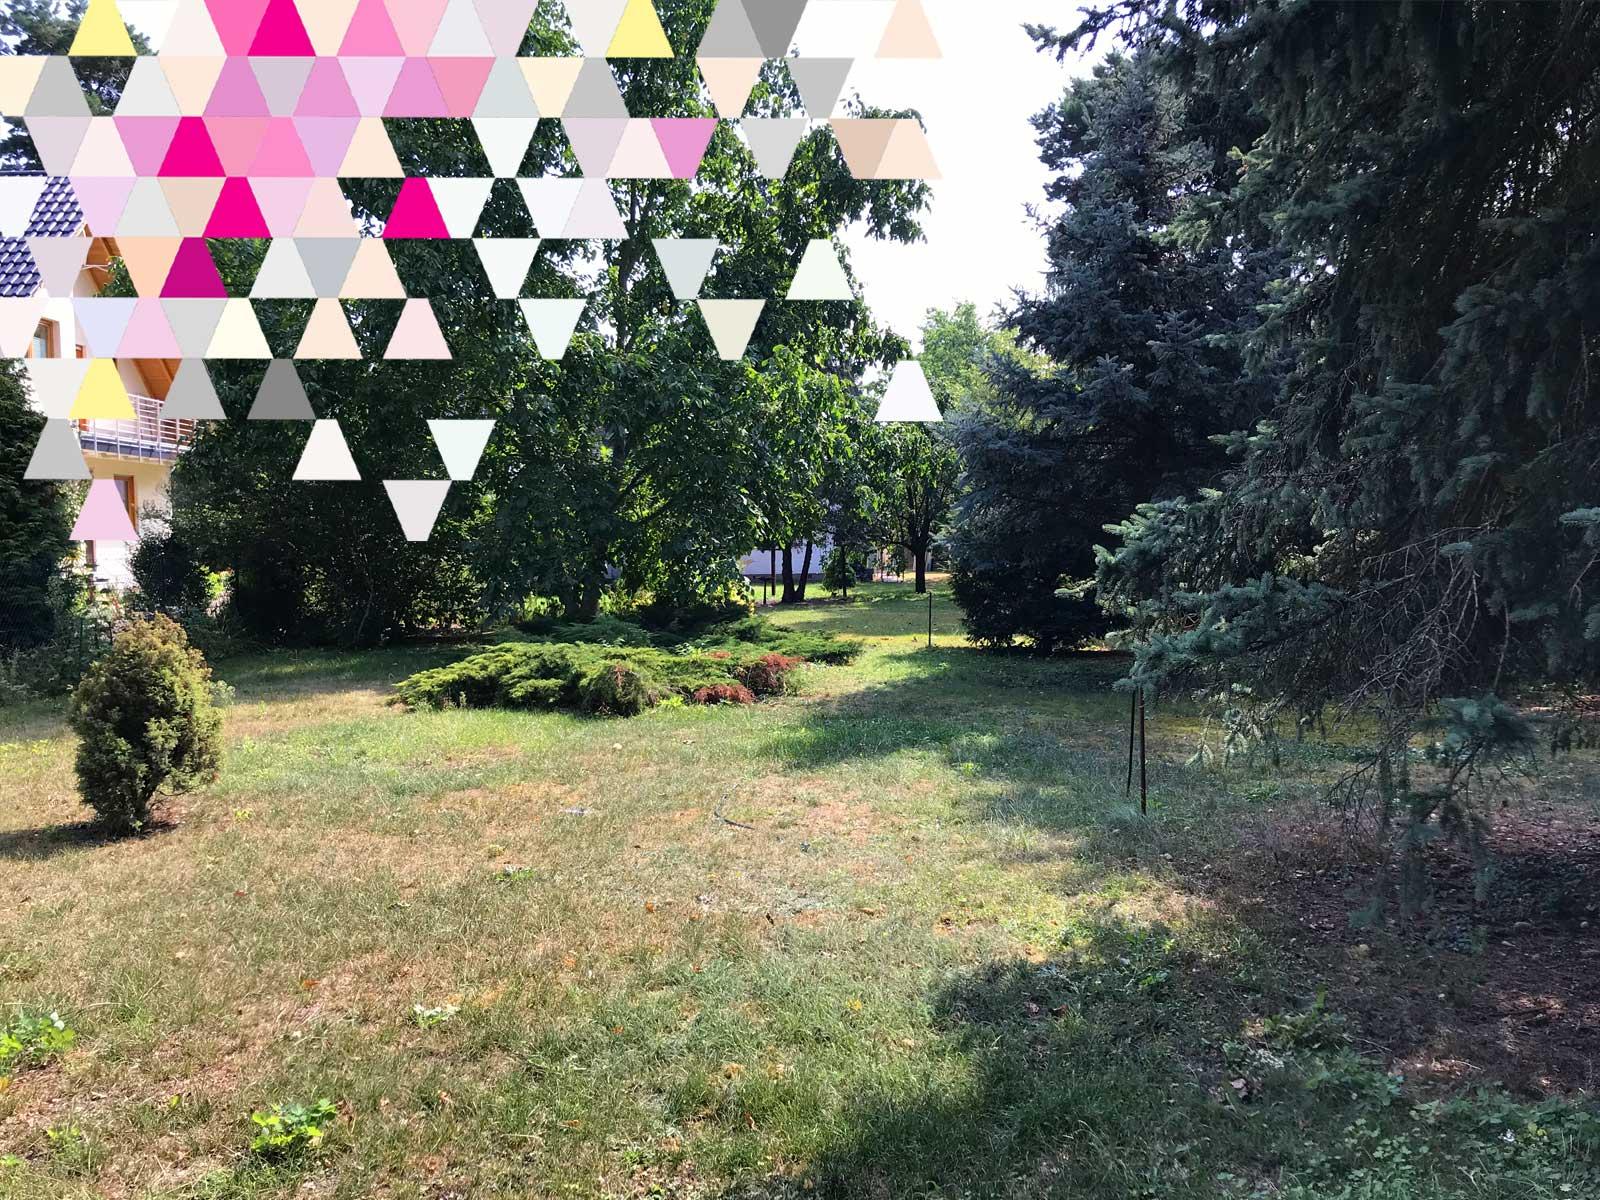 Grundstück | Verkauft mit Bauträgerbindung | Erschließungspaket | ca. 494 m² | Berlin-Mahlsdorf